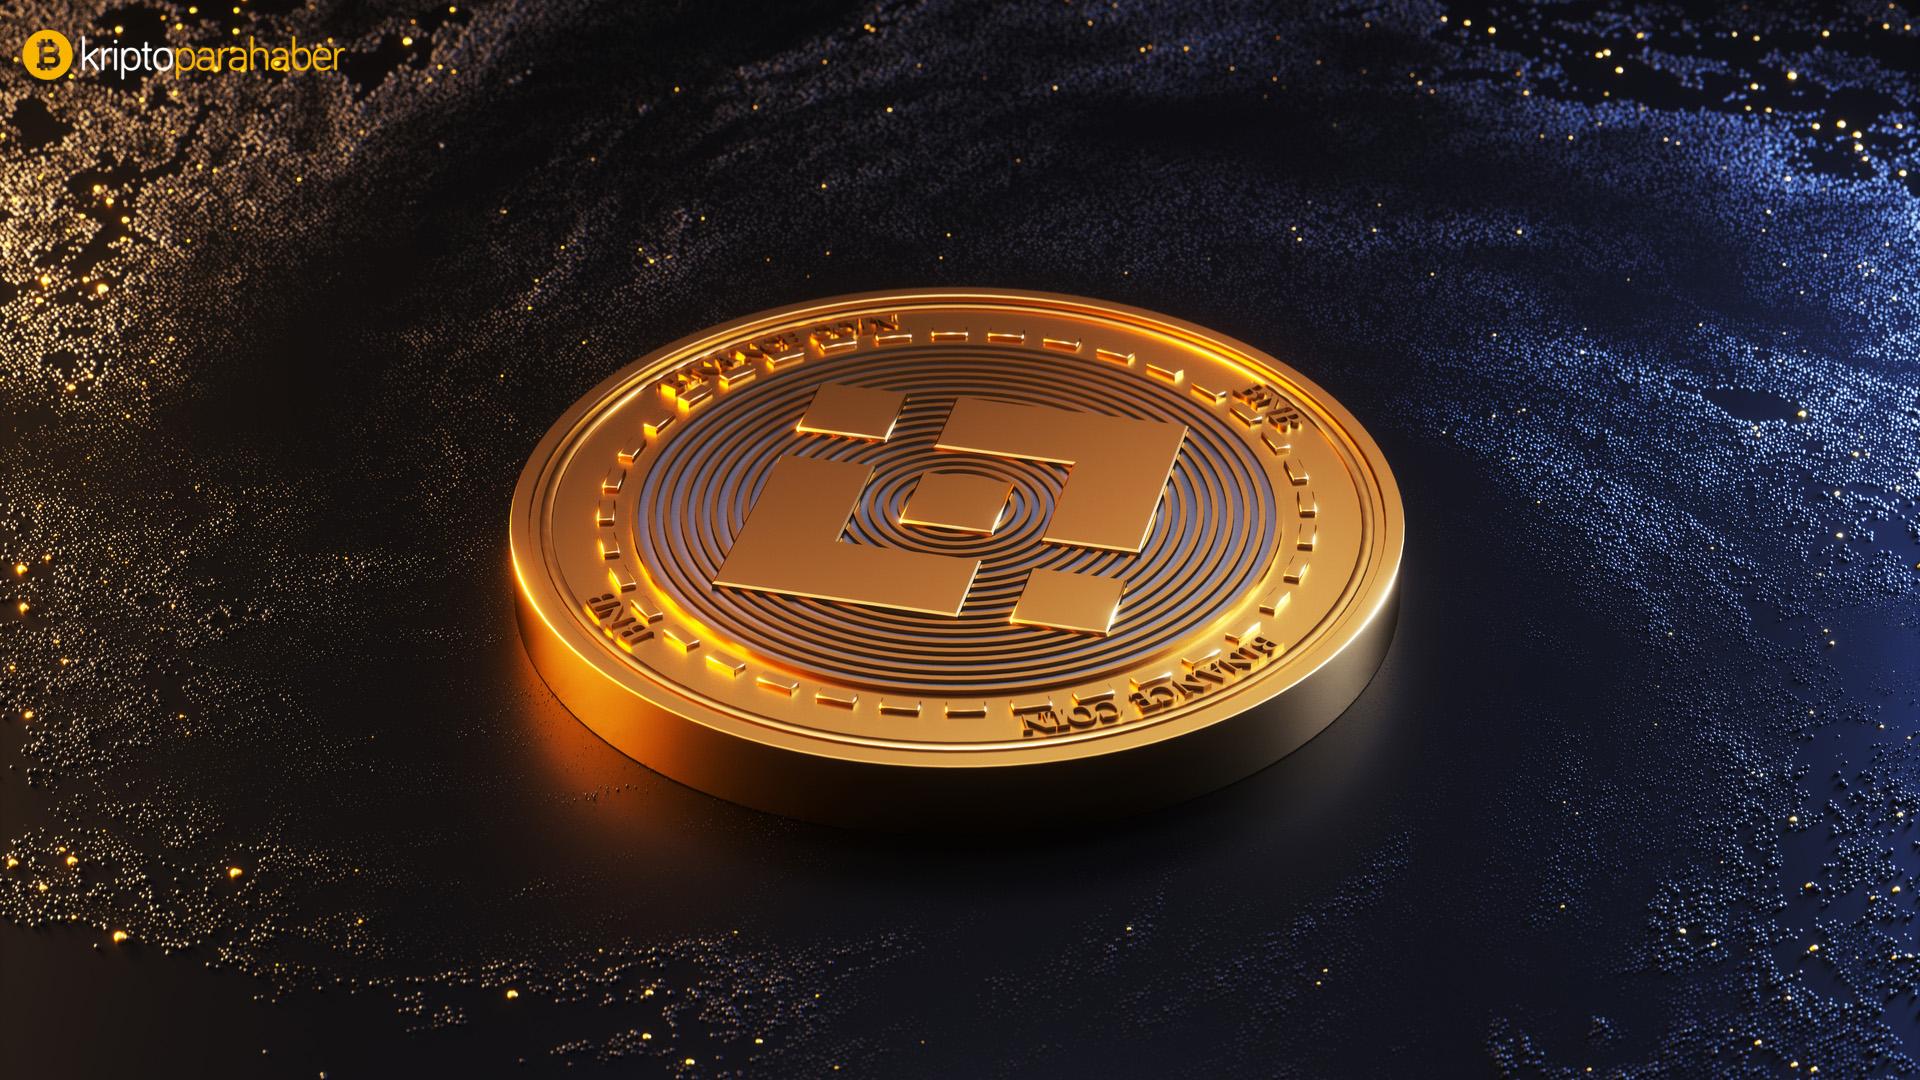 Binance Coin fiyat analizi: Rekor kıran BNB yükselmeye devam edecek mi? Detaylı teknik görünüm